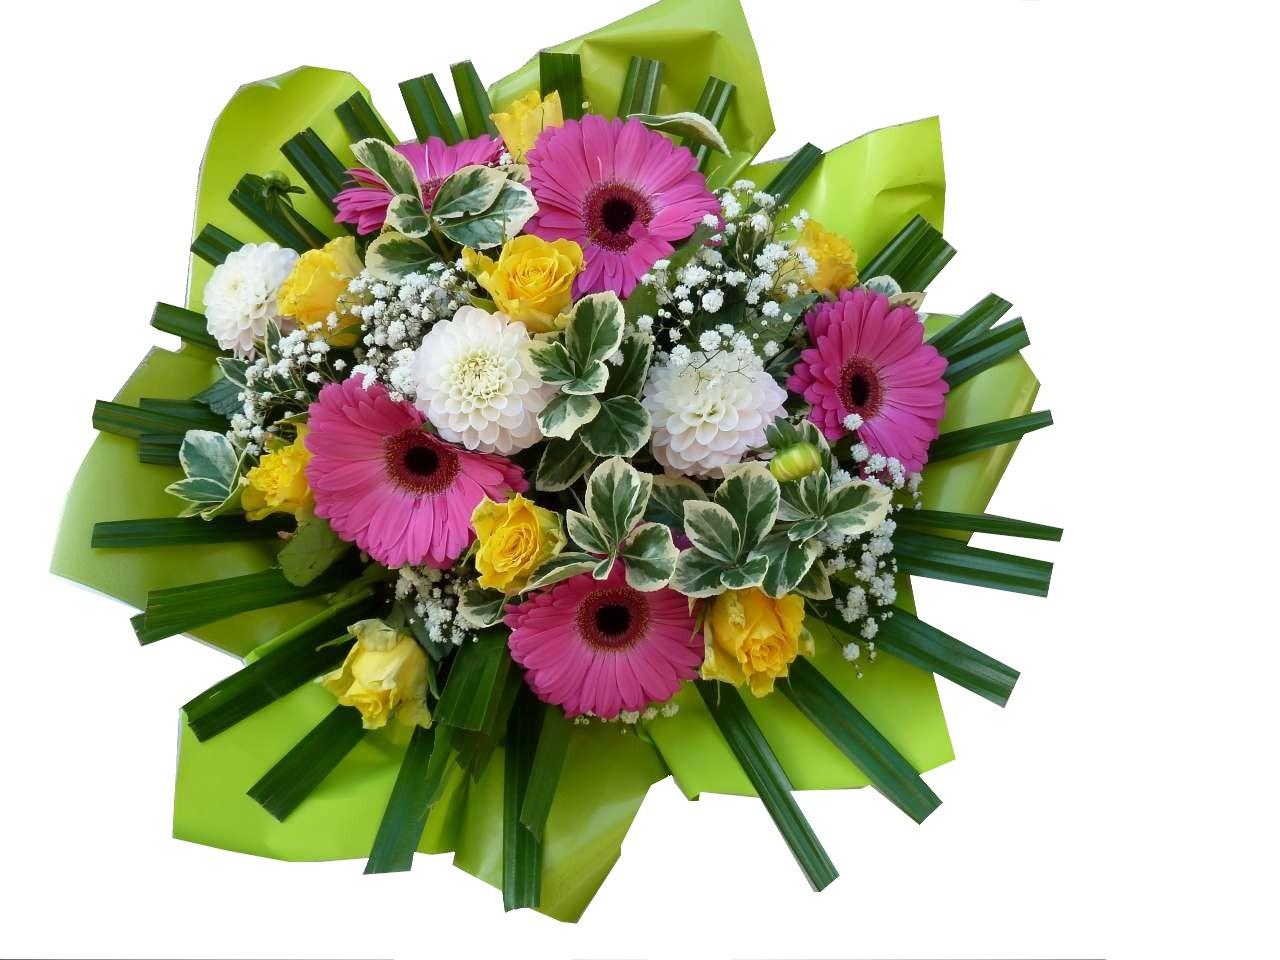 livraison de fleurs champigny sur marne 94 et localit s voisines florafrance. Black Bedroom Furniture Sets. Home Design Ideas